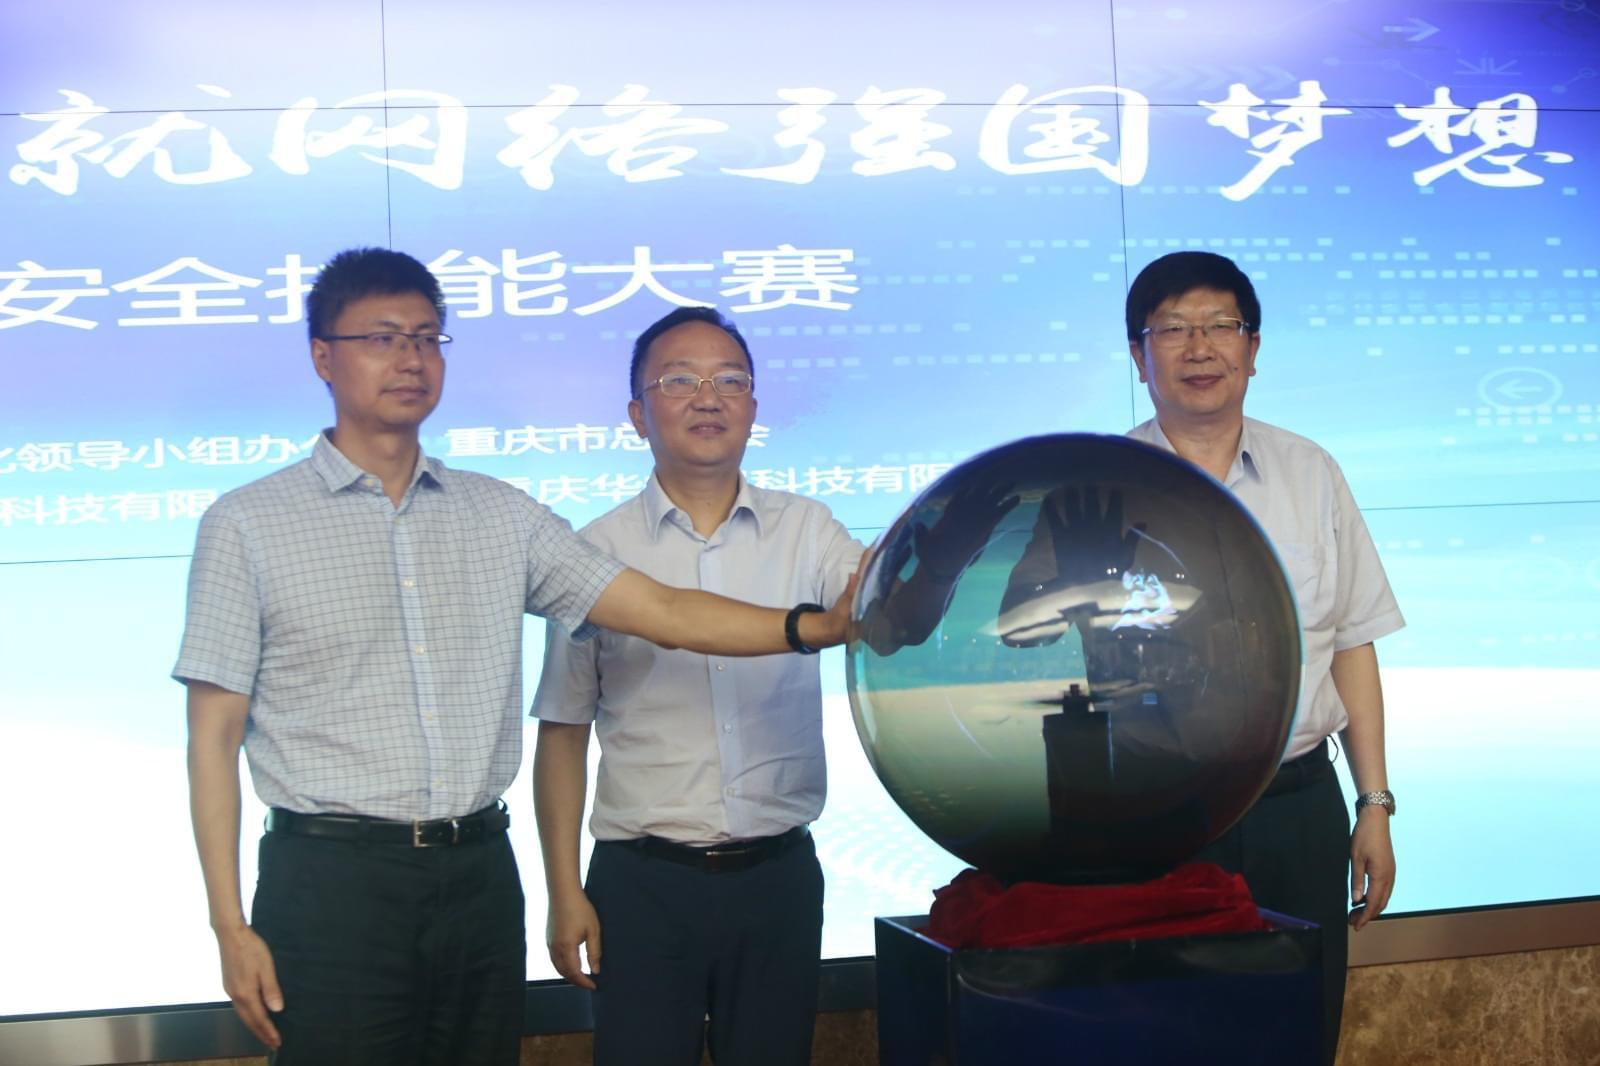 重庆市2017网络信息安全技能大赛正式启动